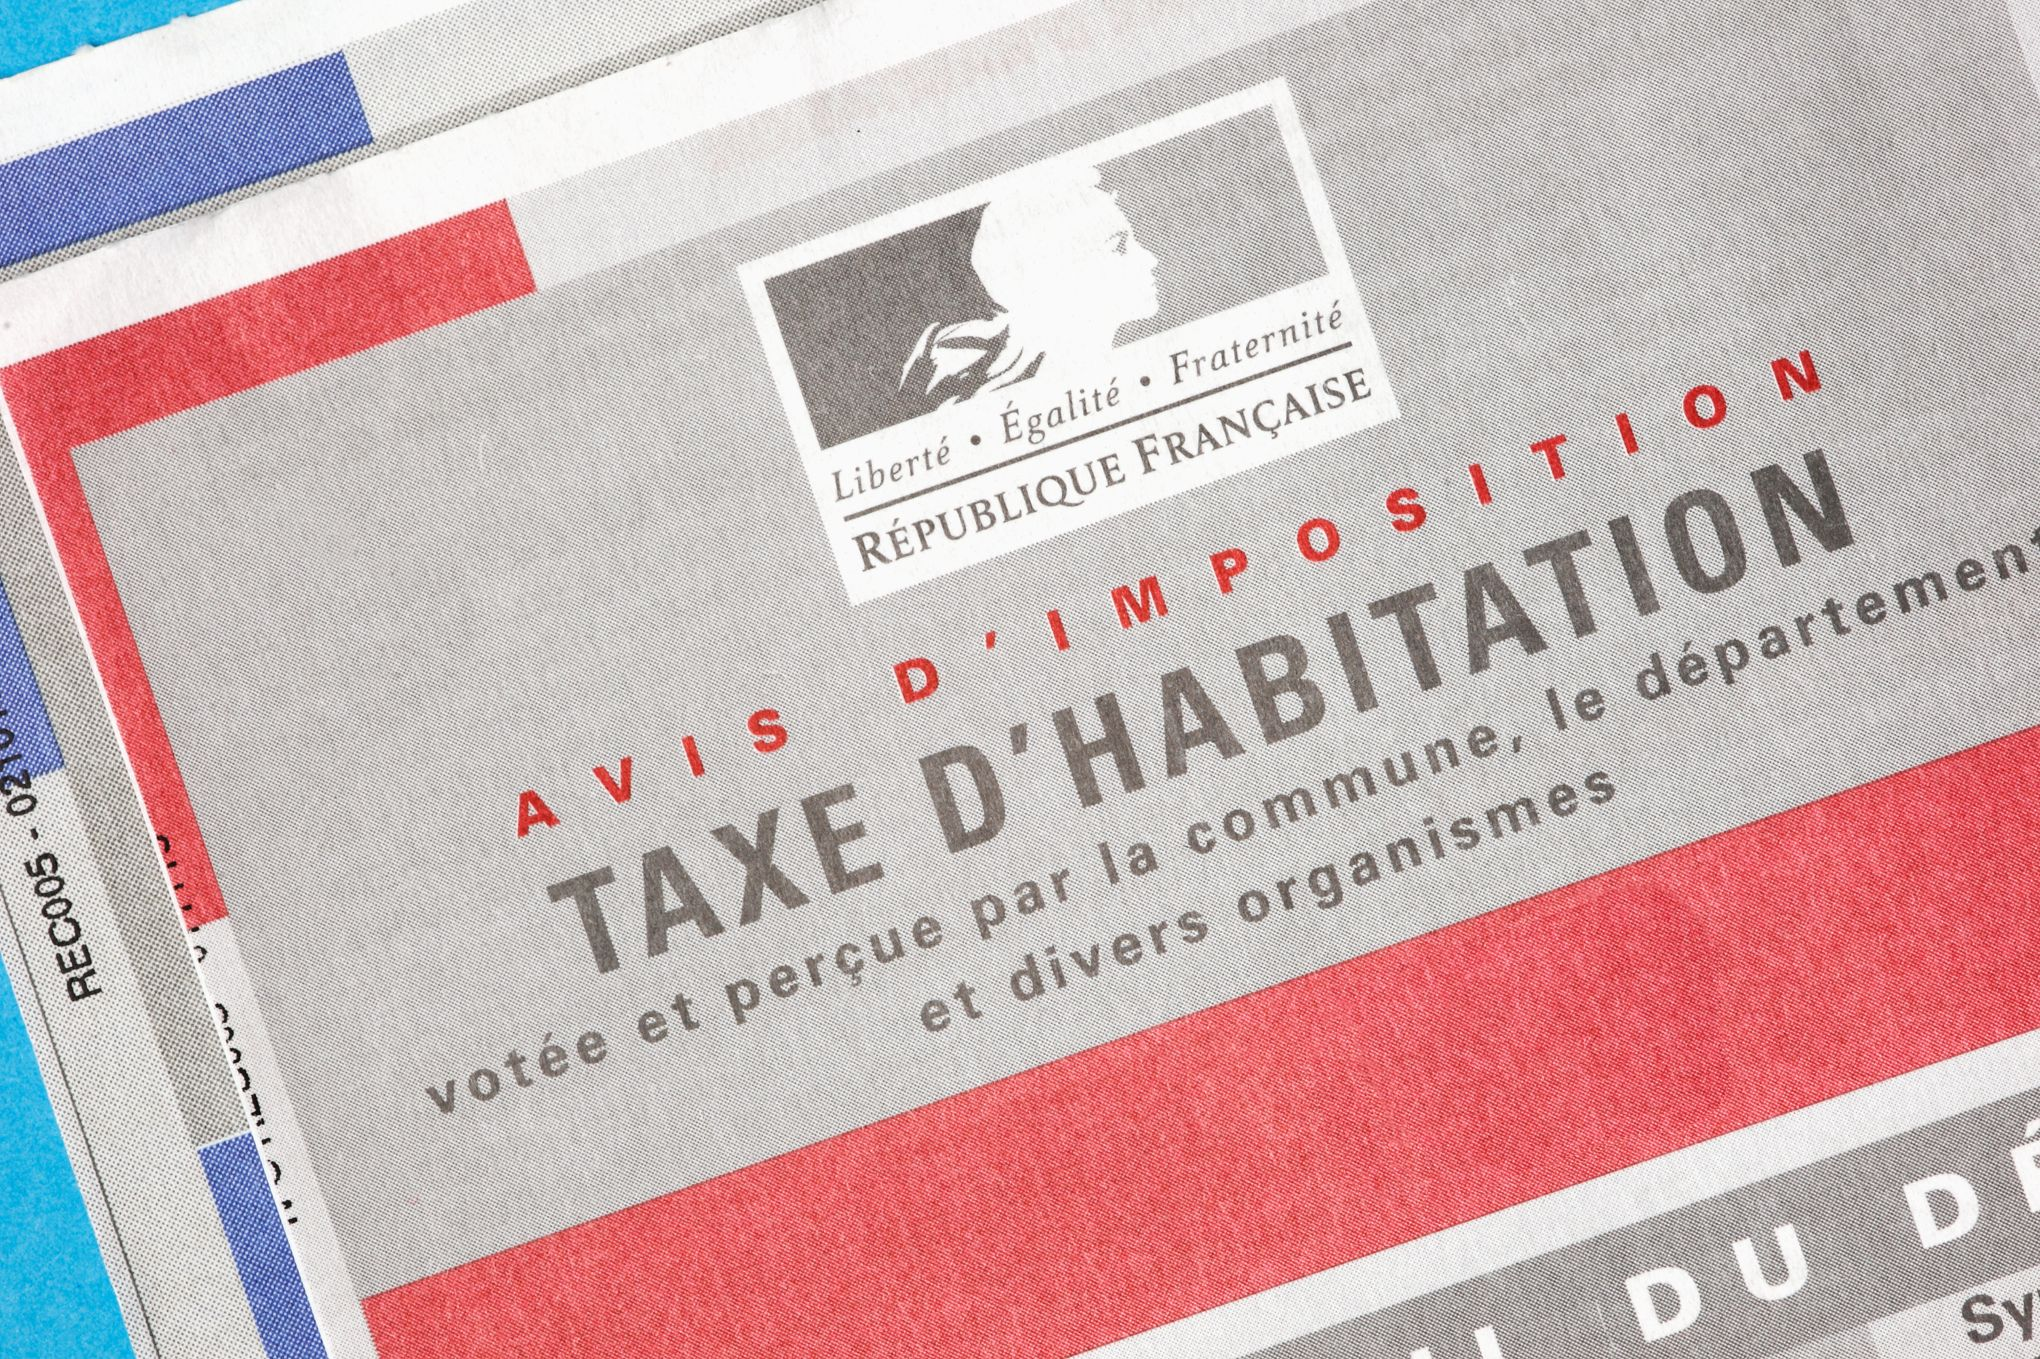 La Taxe D Habitation 2018 Est A Payer Avant Le 15 Novembre